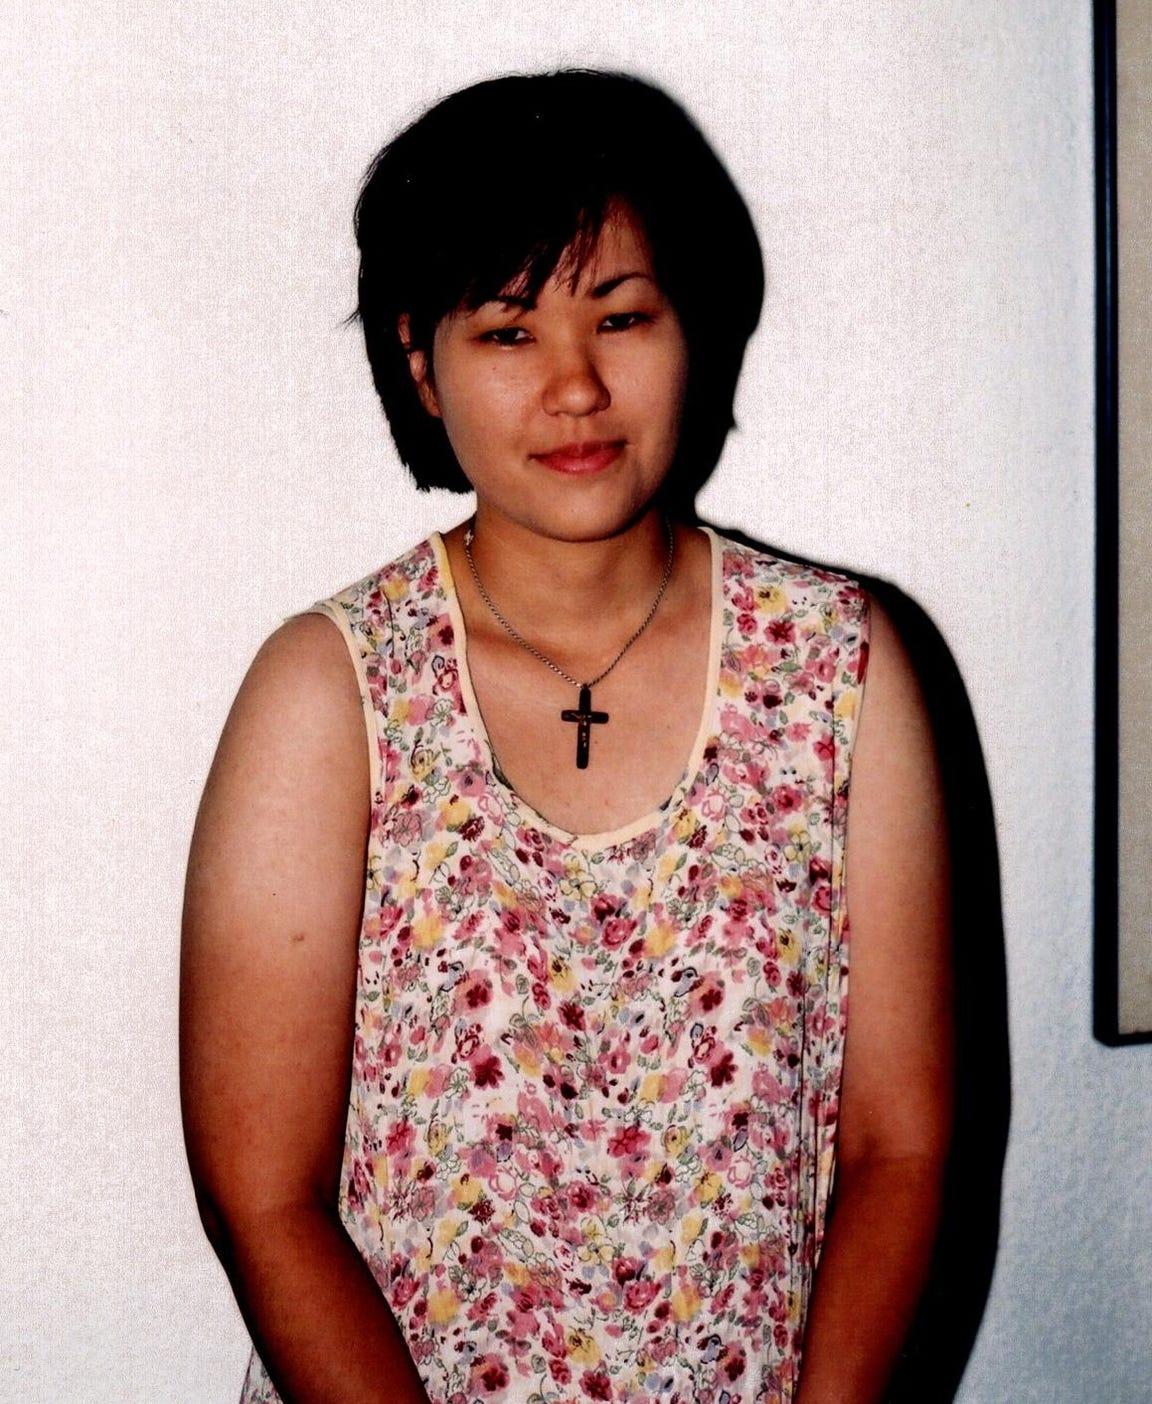 Linda Mudge, 25